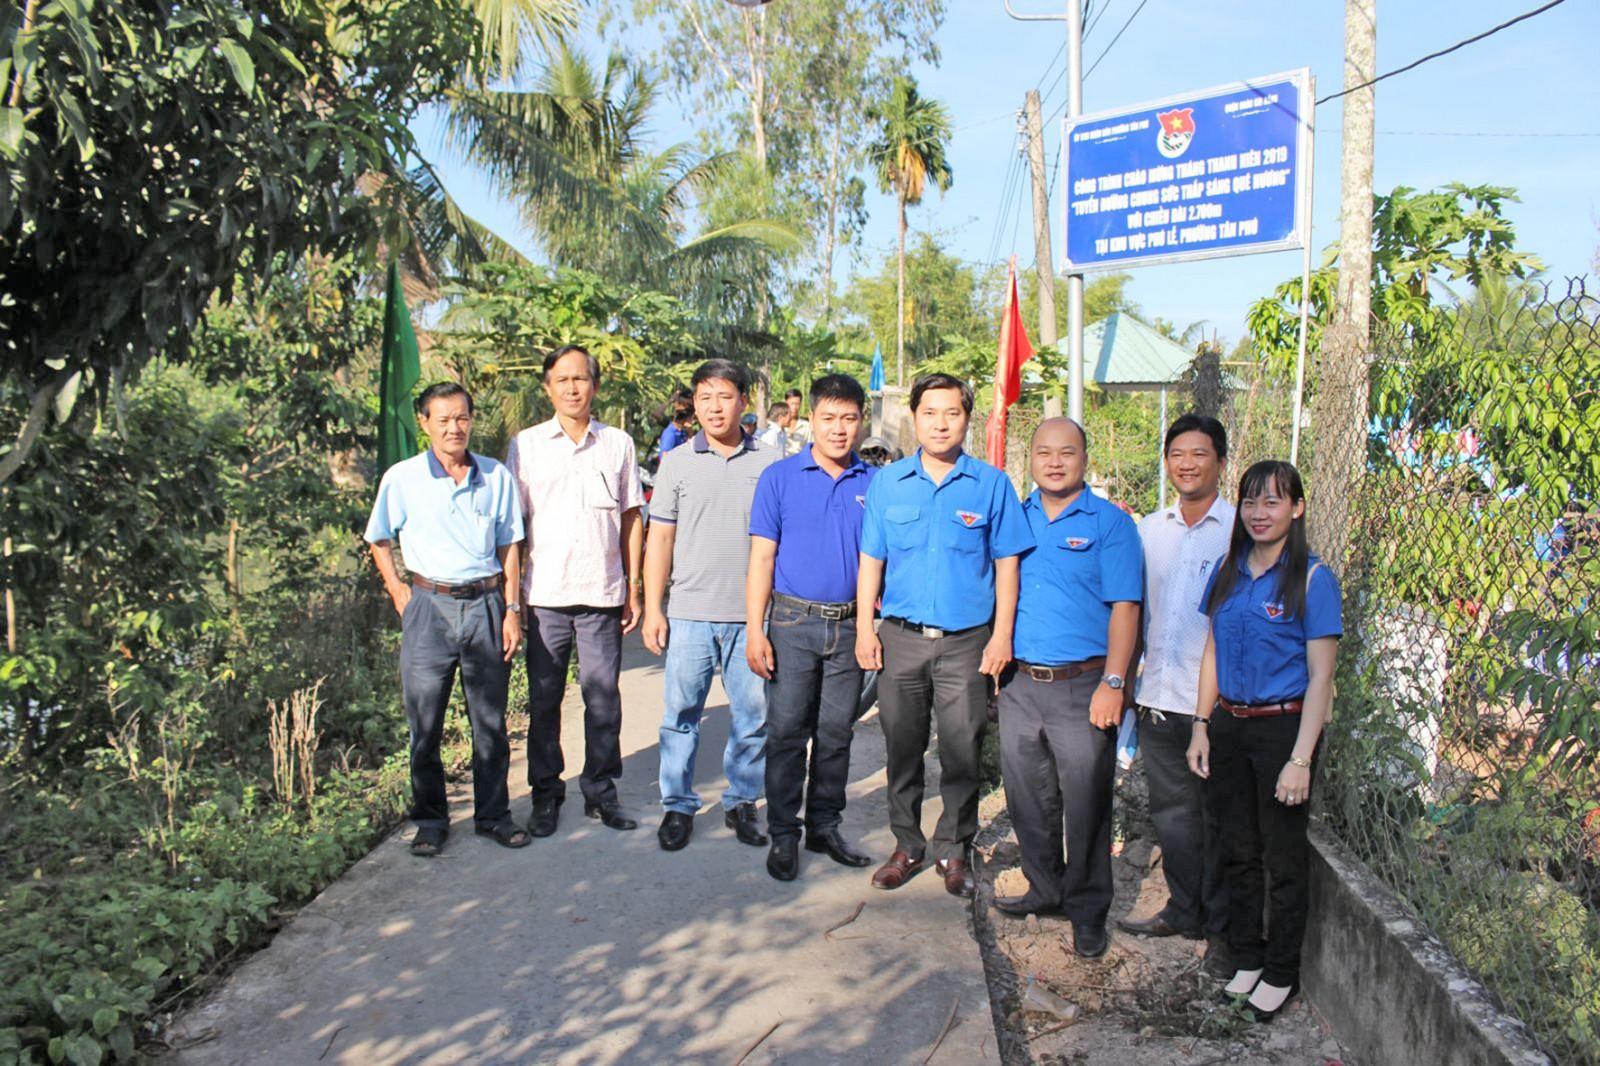 Đoàn viên thanh niên phường Tân Phú, quận Cái Răng và nhân dân tại lễ ra mắt tuyến đường Chung sức thắp sáng quê hương tại khu vực Phú Lễ. Ảnh: TÂM KHOA